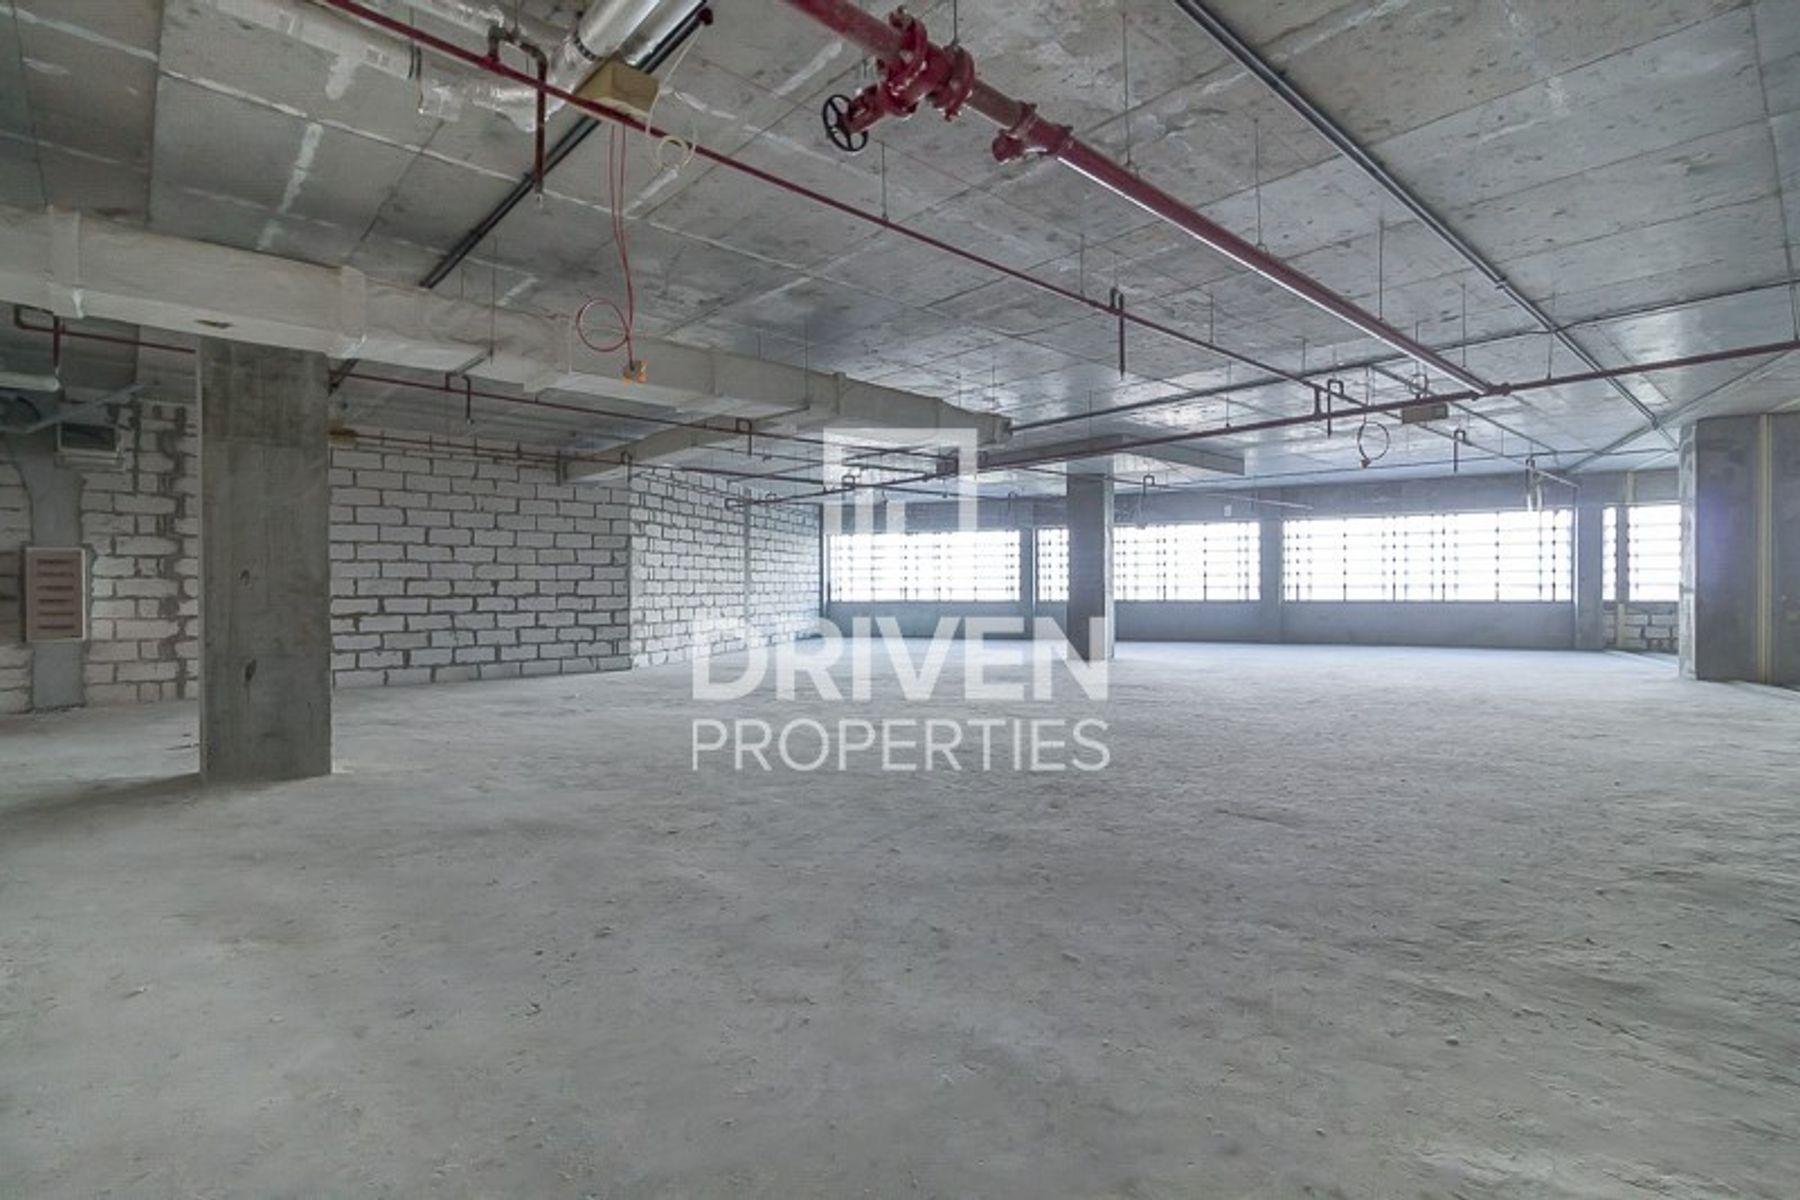 4,200 قدم مربع  مكتب - للبيع - مركز دبي المالي العالمي